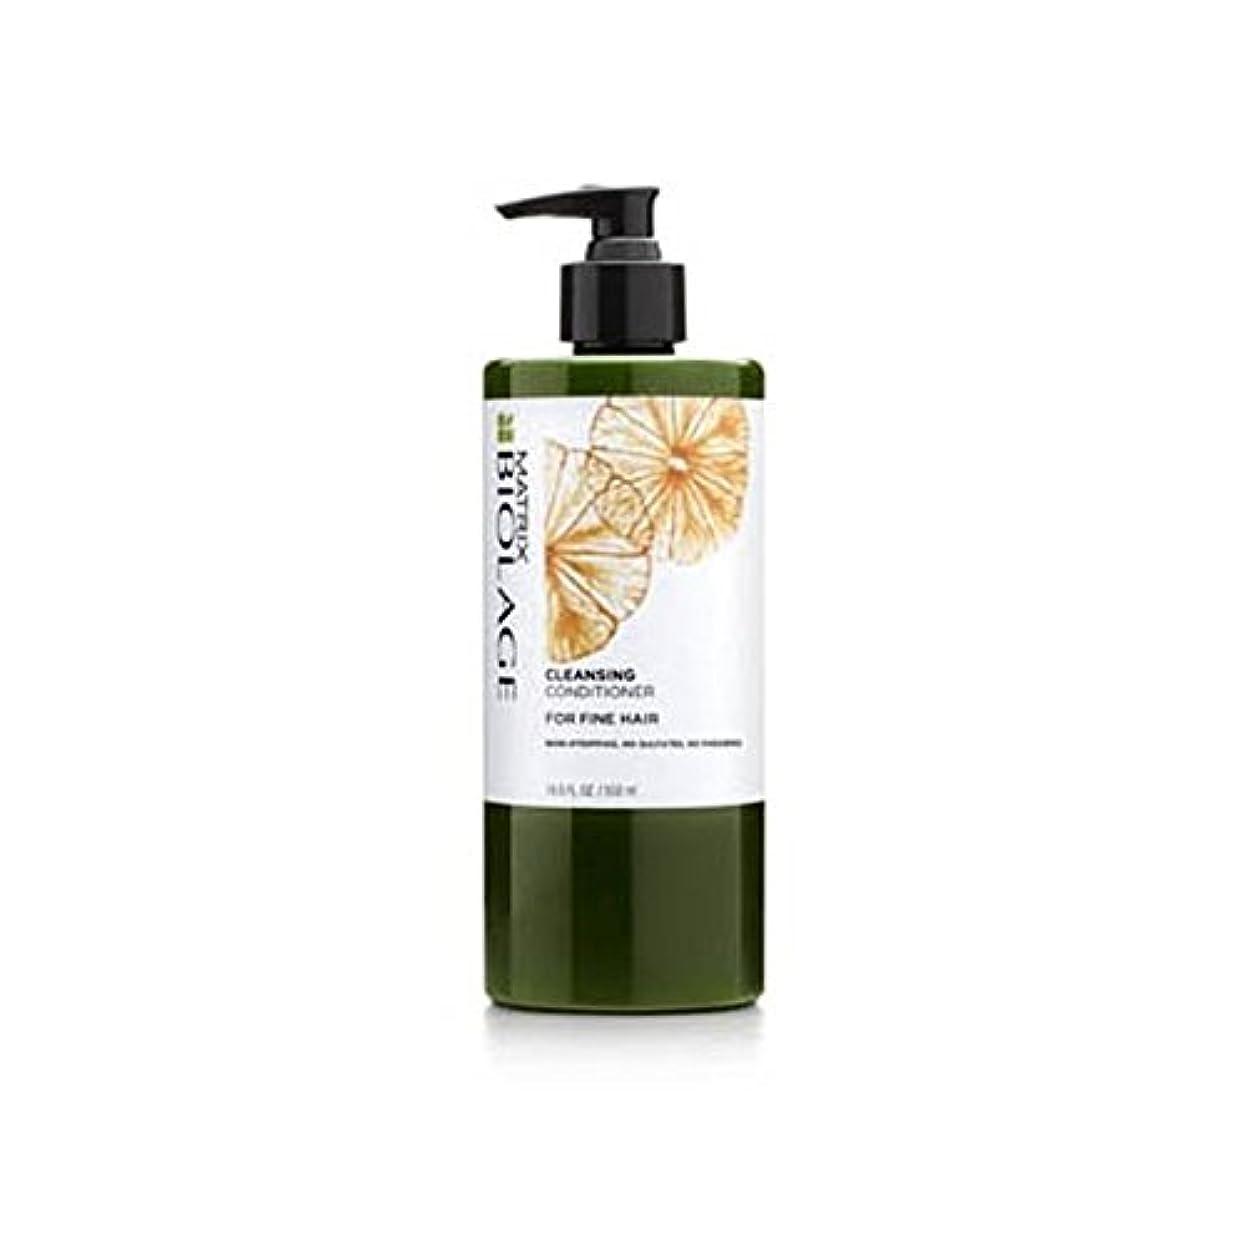 アンプ有害な急性Matrix Biolage Cleansing Conditioner - Fine Hair (500ml) (Pack of 6) - マトリックスバイオレイジクレンジングコンディショナー - 細い髪(500ミリリットル...